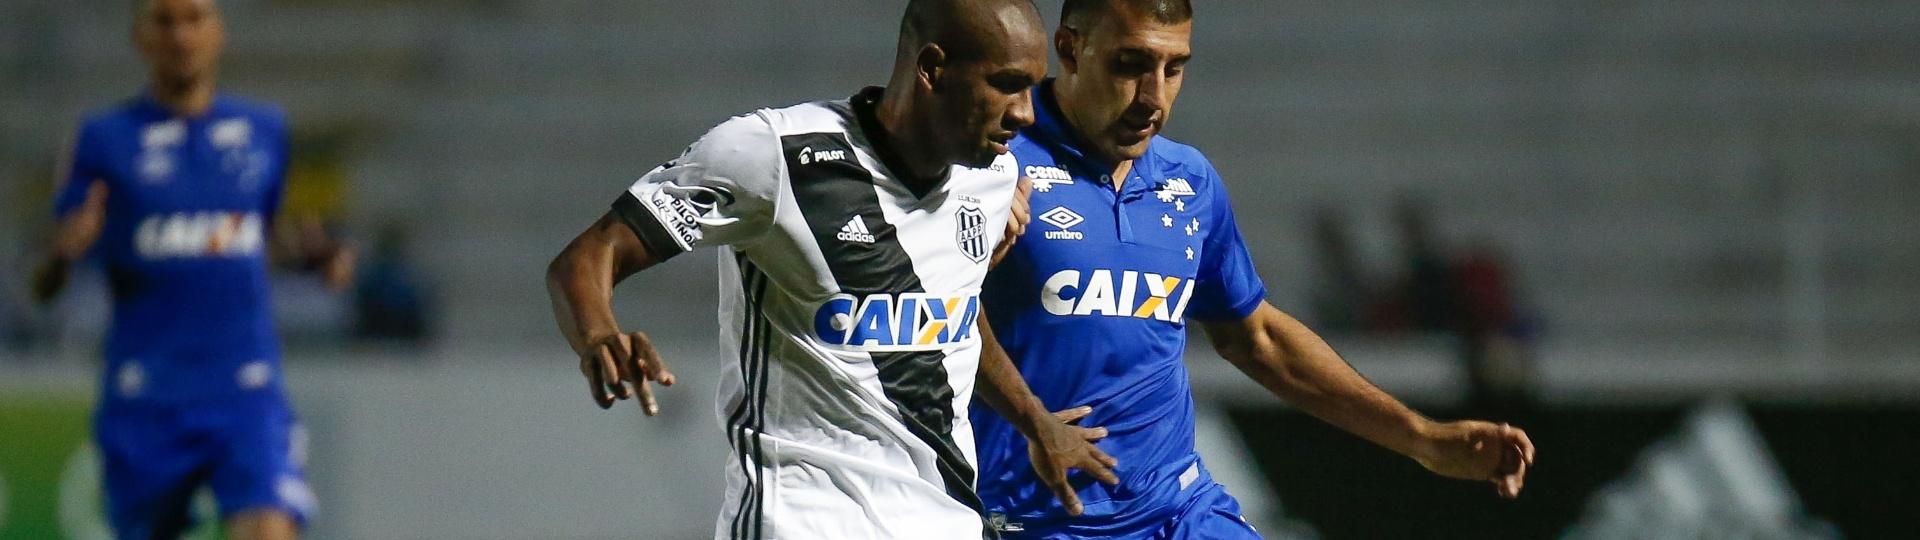 Marllon, da Ponte Preta, é acompanhado por Abila, do Cruzeiro